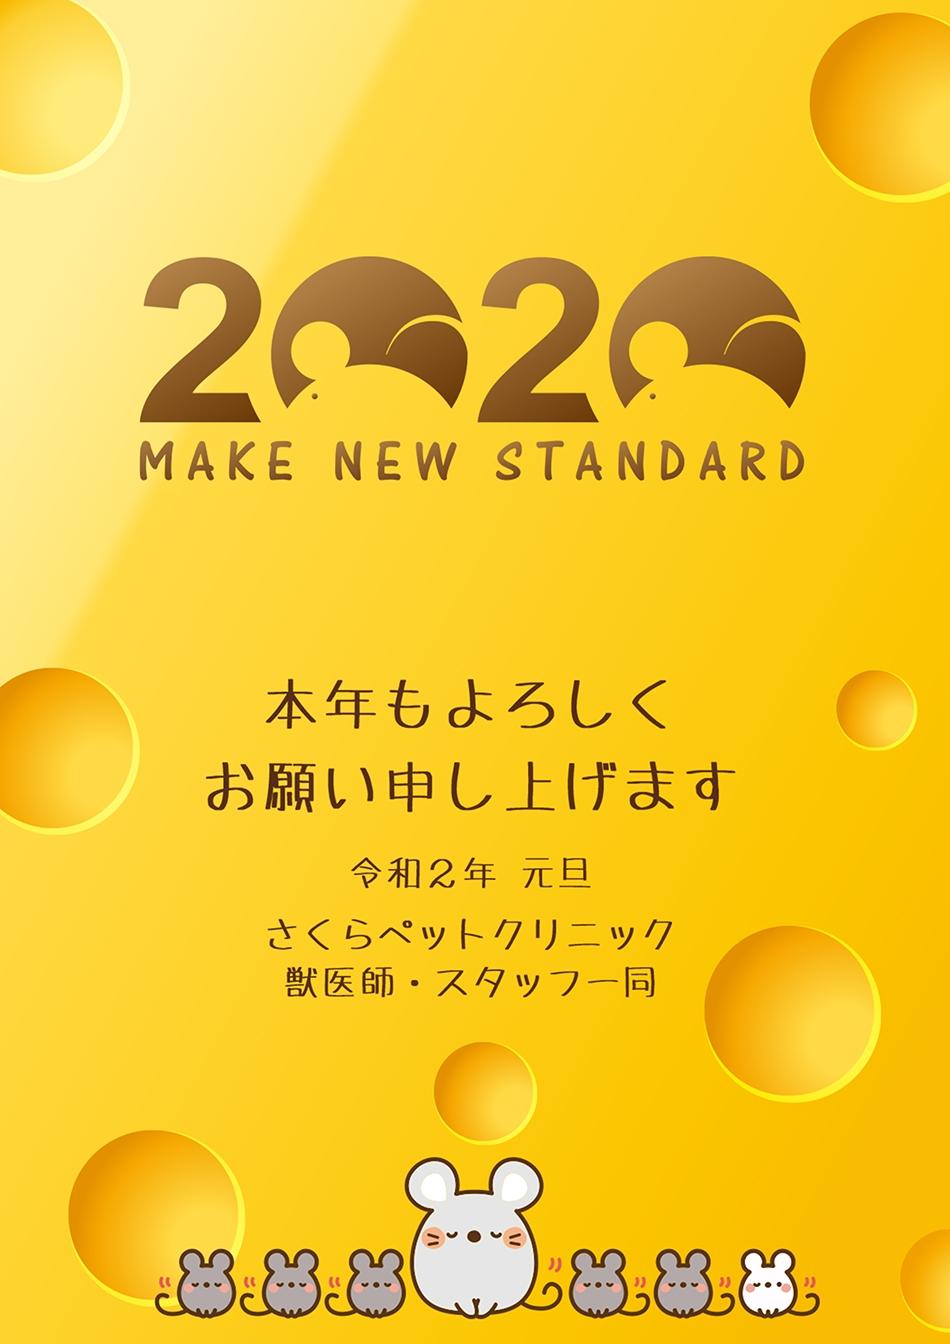 2020年[令和二年]新年のごあいさつ|さくらペットクリニック|動物病院|鹿児島市